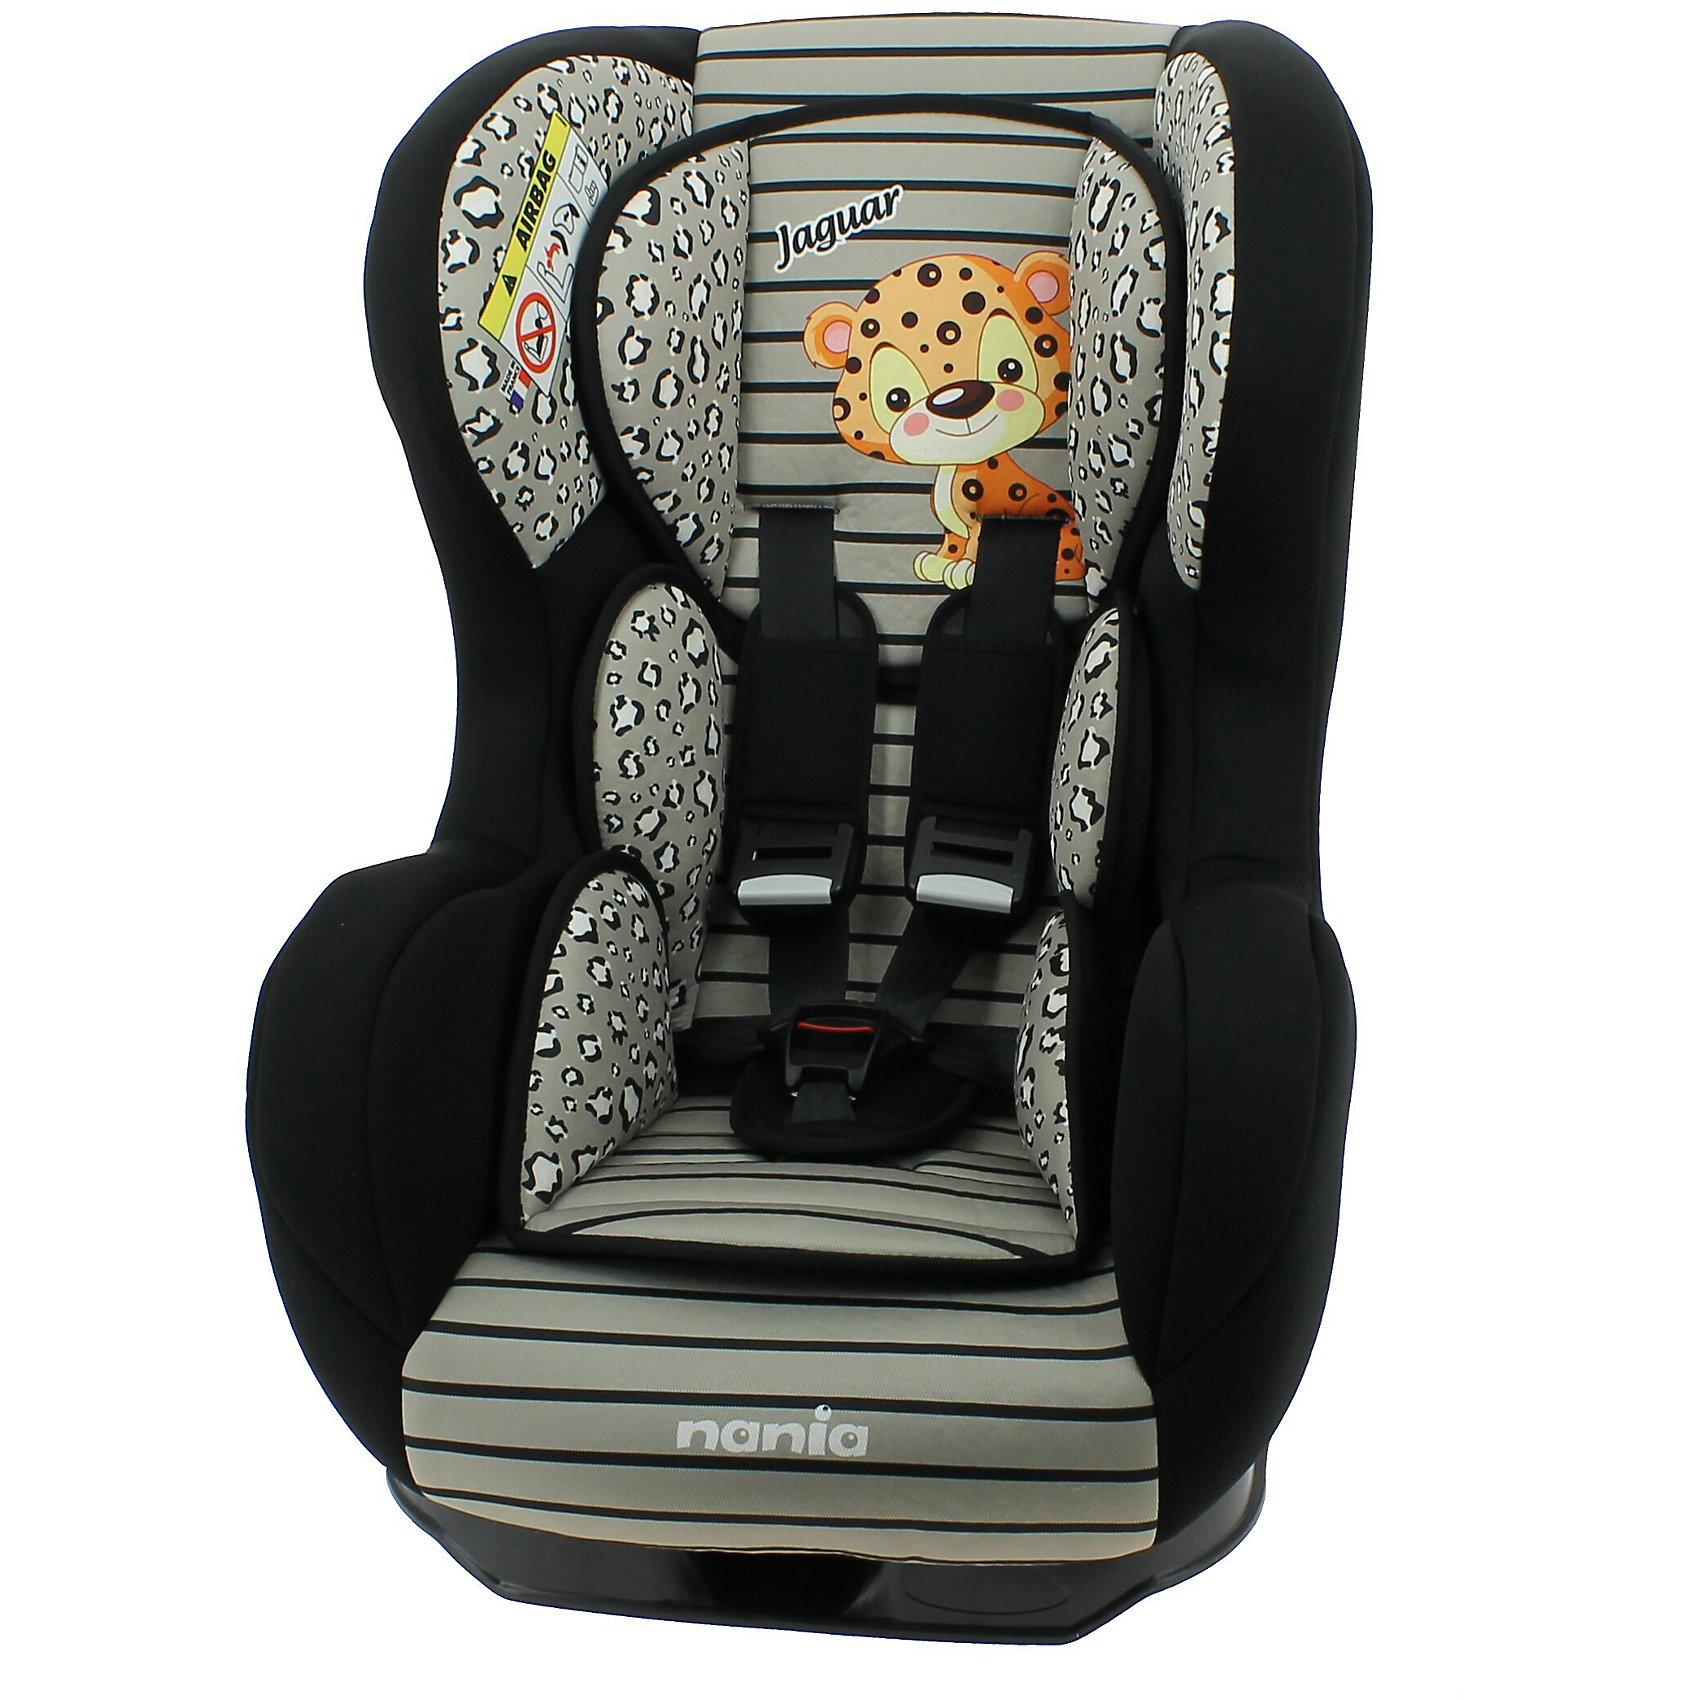 Автокресло Nania Cosmo SP 0-18 кг, jaguarГруппа 0+, 1 (До 18 кг)<br>Характеристики Nania Cosmo SP:<br><br>• группа 0+/1;<br>• вес ребенка: до 18 кг;<br>• возраст ребенка: от рождения до 4-х лет;<br>• способ установки: против хода (до 9 кг) и по ходу движения автомобиля (9-18кг);<br>• способ крепления: штатными ремнями безопасности автомобиля;<br>• 5-ти точечные ремни безопасности с мягкими накладками;<br>• угол наклона спинки регулируется: 5 положений, положение для сна;<br>• анатомический вкладыш для новорожденного, подголовник, который украшен мордочкой зверушки;<br>• дополнительная защита от боковых ударов, система SP (side protection);<br>• съемные чехлы, стирка при температуре 30 градусов;<br>• материал: пластик, полиэстер;<br>• стандарт безопасности: ЕСЕ R44/03.<br><br>Размер автокресла: 54x45x61 см<br>Вес автокресла: 6 кг<br><br>Автокресло Nania Cosmo SP устанавливается как по ходу движения, так и против хода движения автомобиля, как на заднем сиденье автомобиля, так и на переднем сиденье автомобиля (с условием отключения подушки безопасности). Регулируемая спинка дает возможность малышу занять удобное положение, как во время сна, так и во время бодрствования. Автокресло соответствует всем стандартам безопасности. <br><br>Автокресло Cosmo SP, 0-18 кг., Nania, jaguar можно купить в нашем интернет-магазине.<br><br>Ширина мм: 660<br>Глубина мм: 455<br>Высота мм: 805<br>Вес г: 14910<br>Возраст от месяцев: 0<br>Возраст до месяцев: 48<br>Пол: Унисекс<br>Возраст: Детский<br>SKU: 5287292